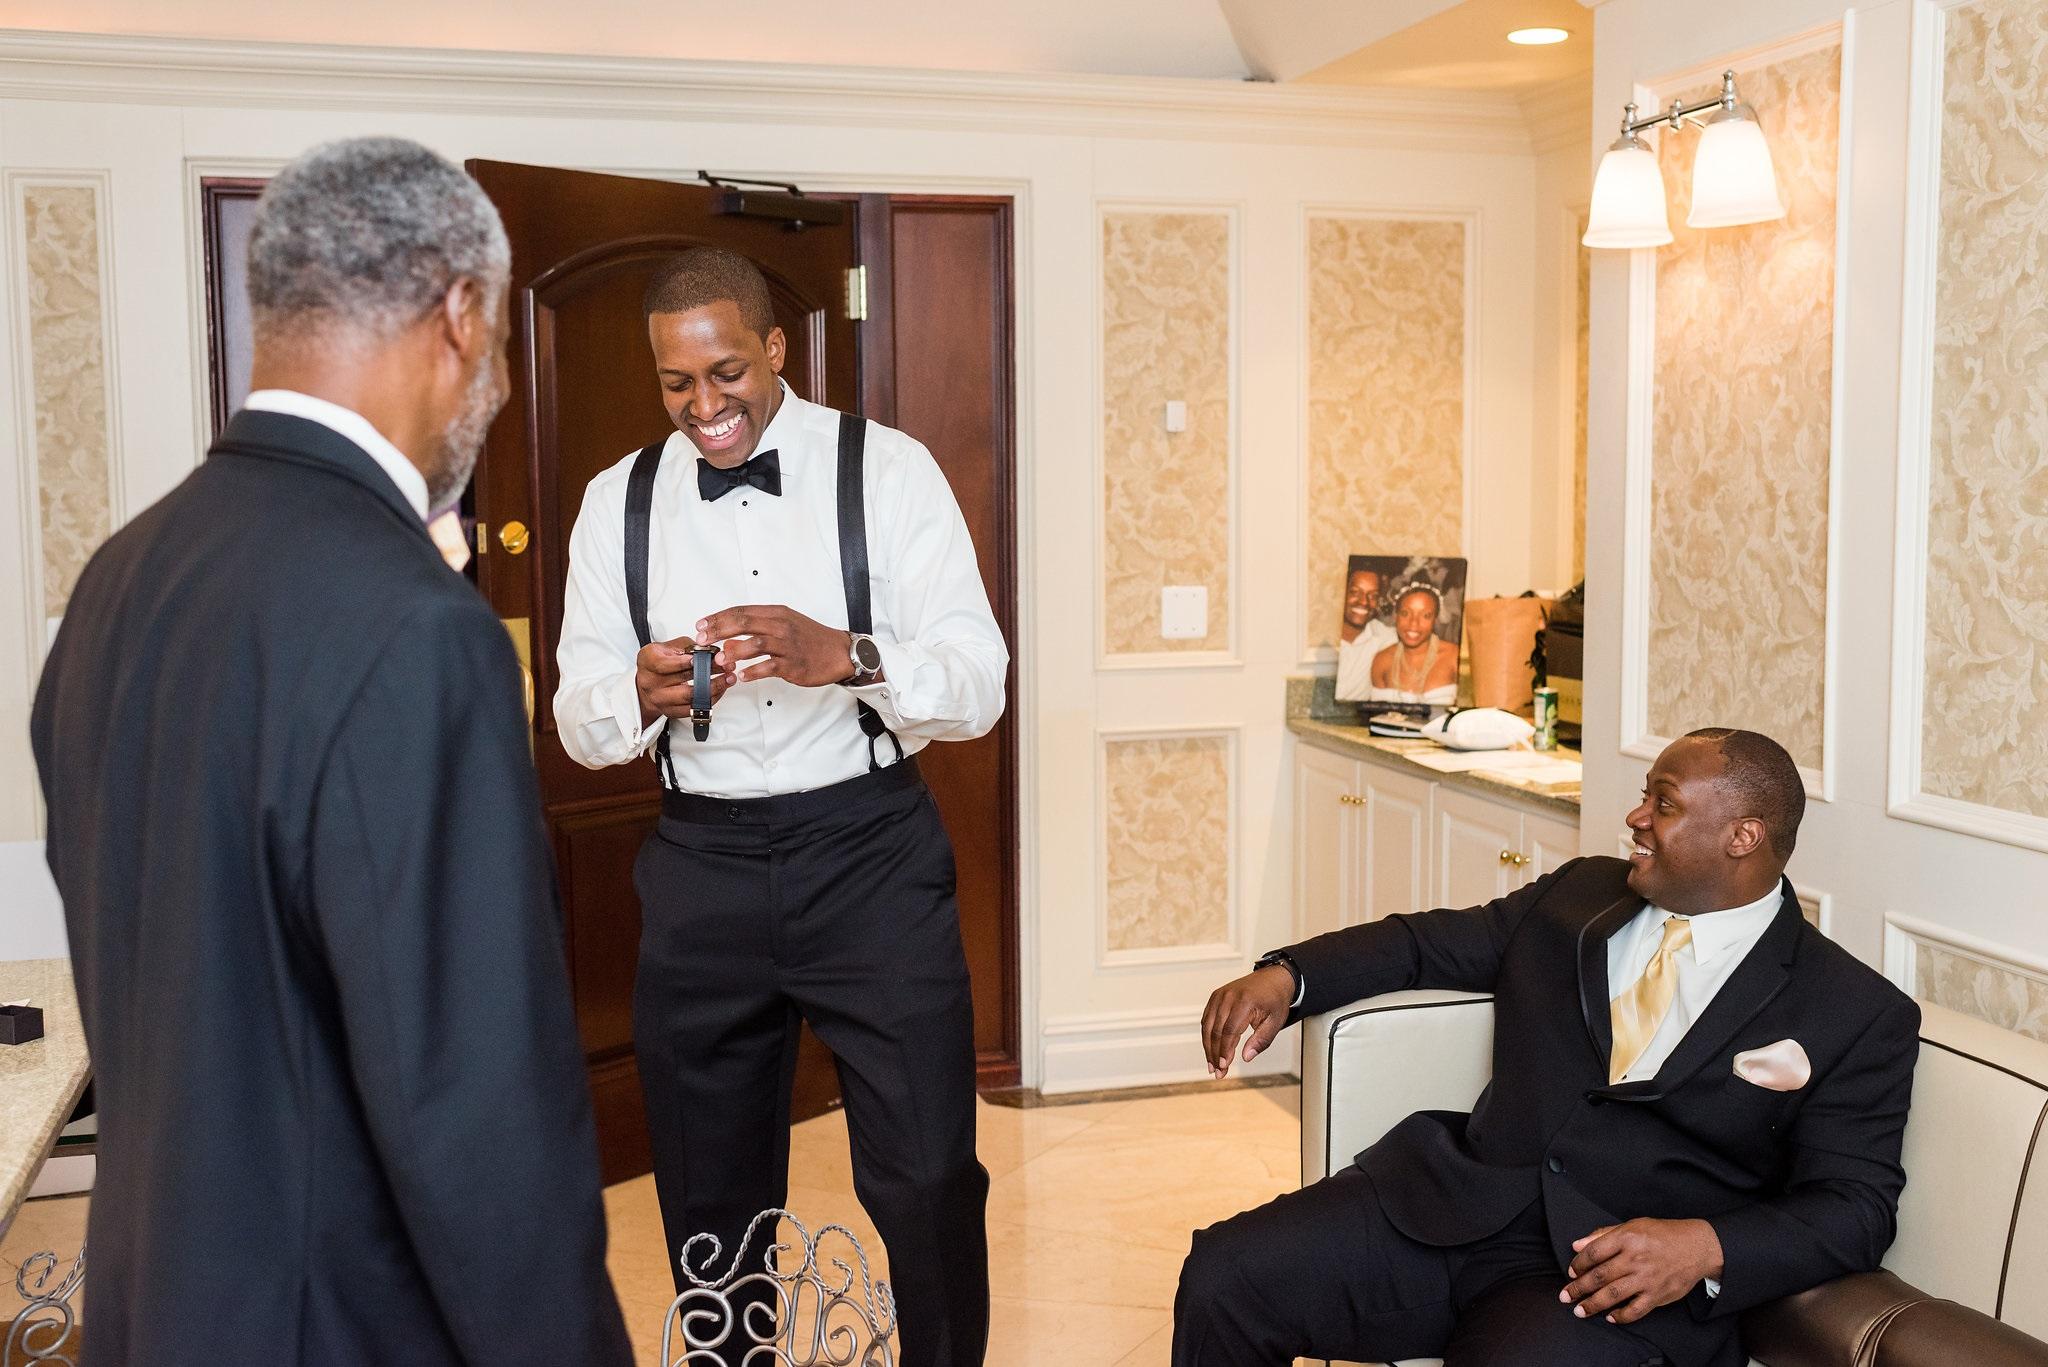 wedding groom getting ready.jpg